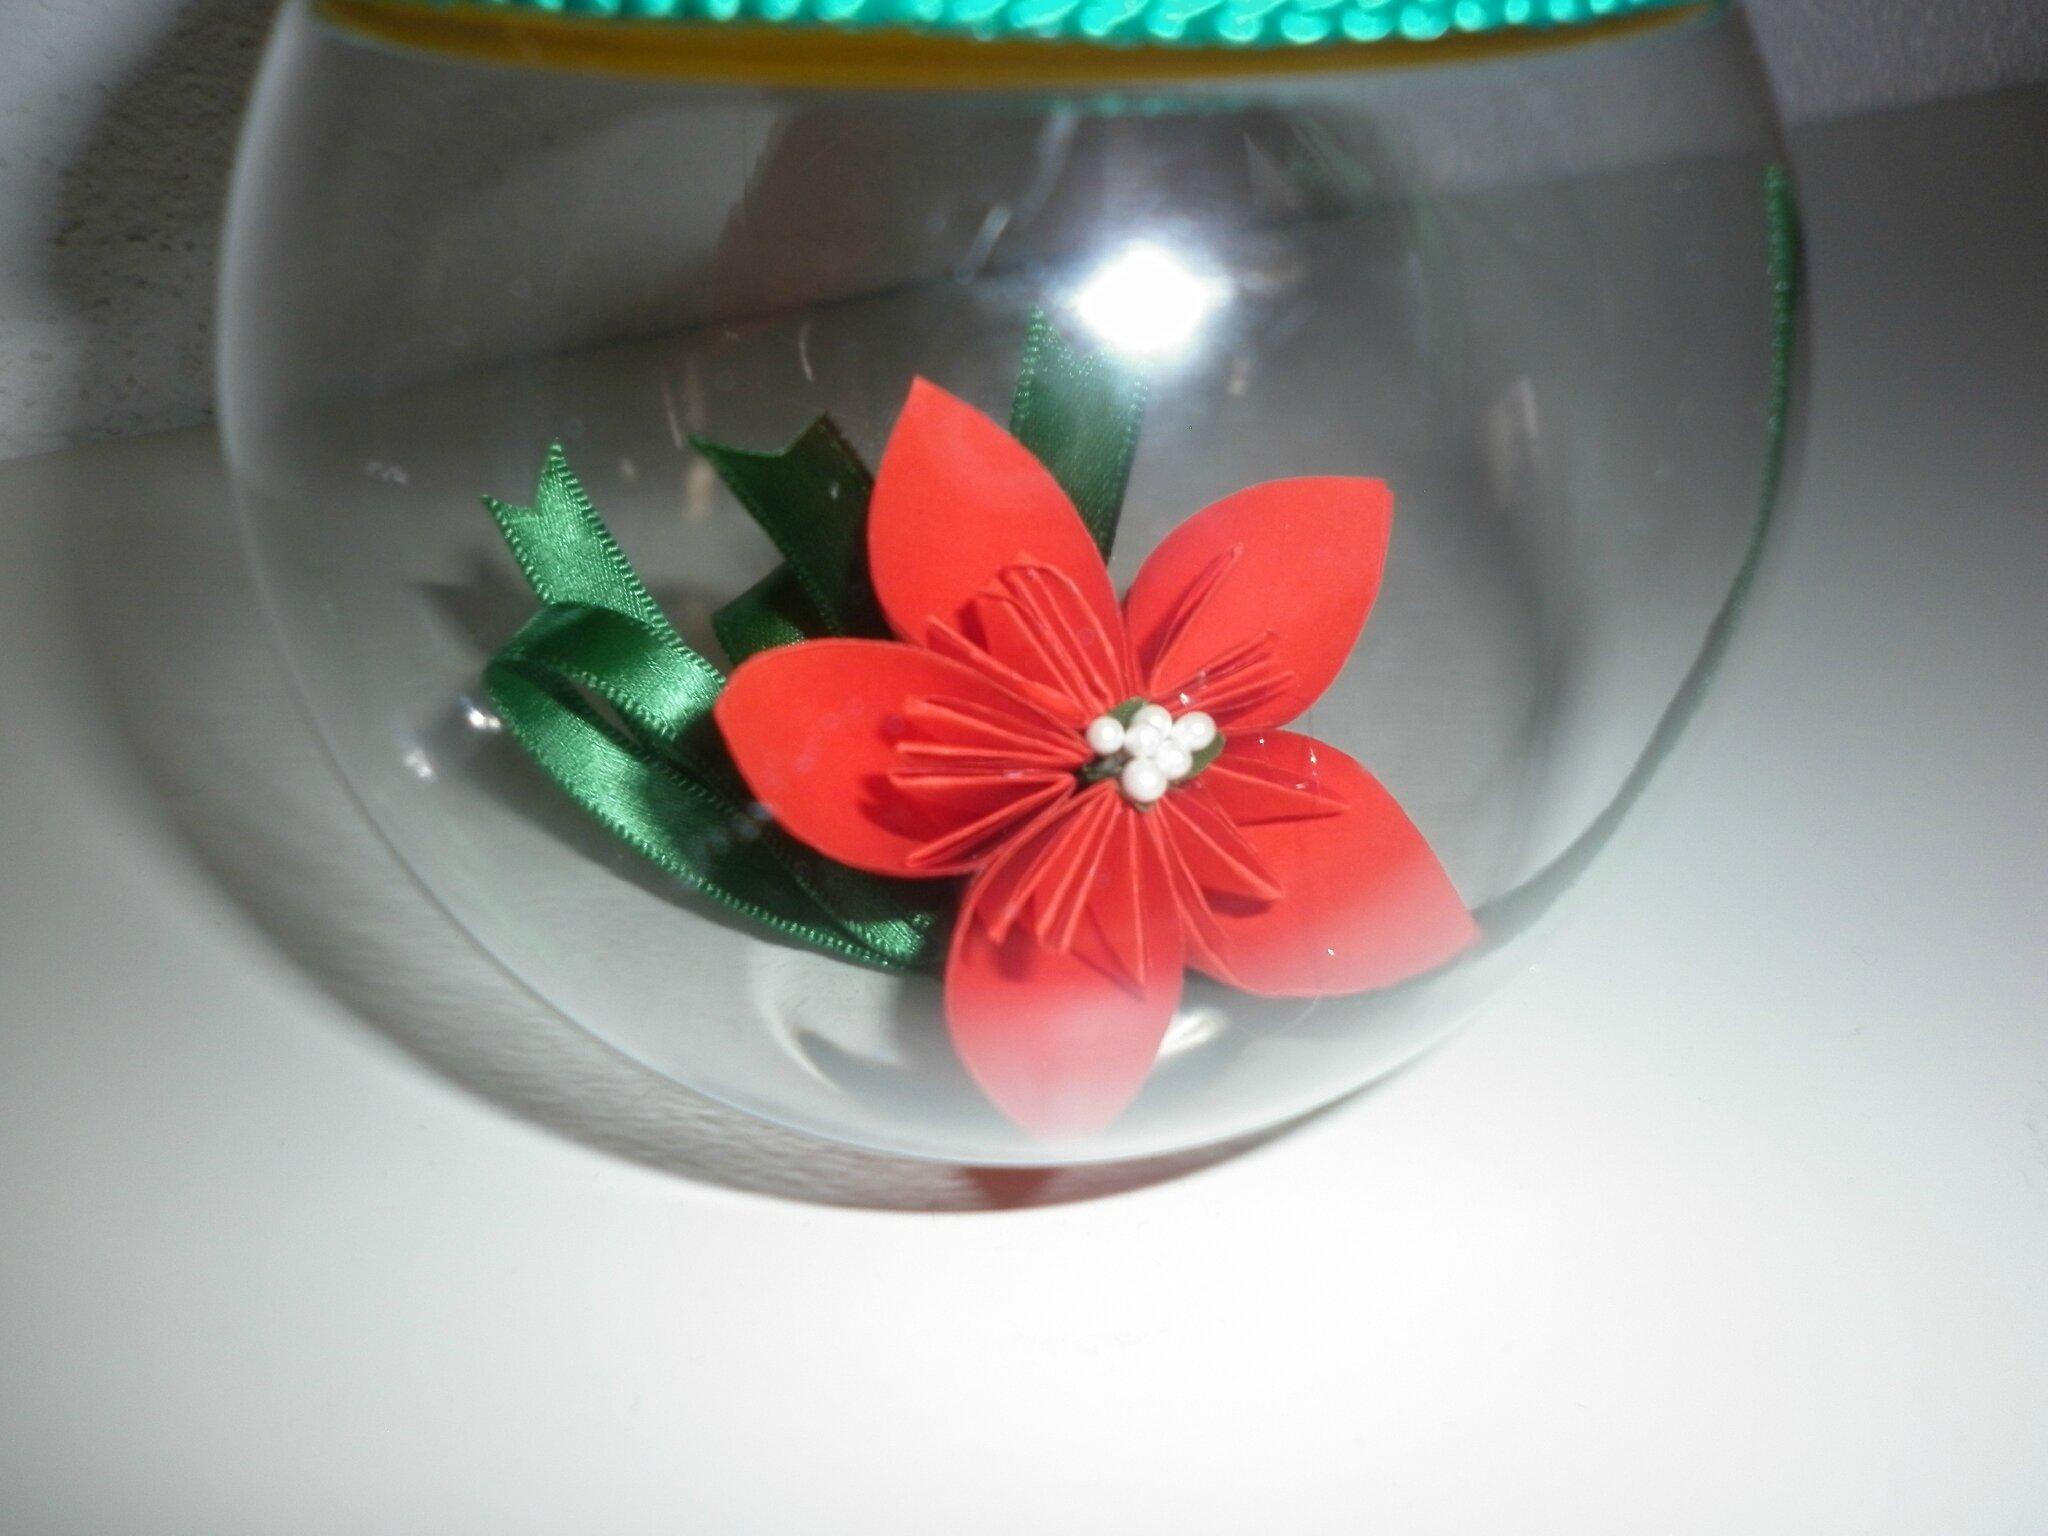 #B41818 Boule De Noël Plastique Et Fleur Papier Les Créations  5335 décorations de noel avec ruban 2048x1536 px @ aertt.com